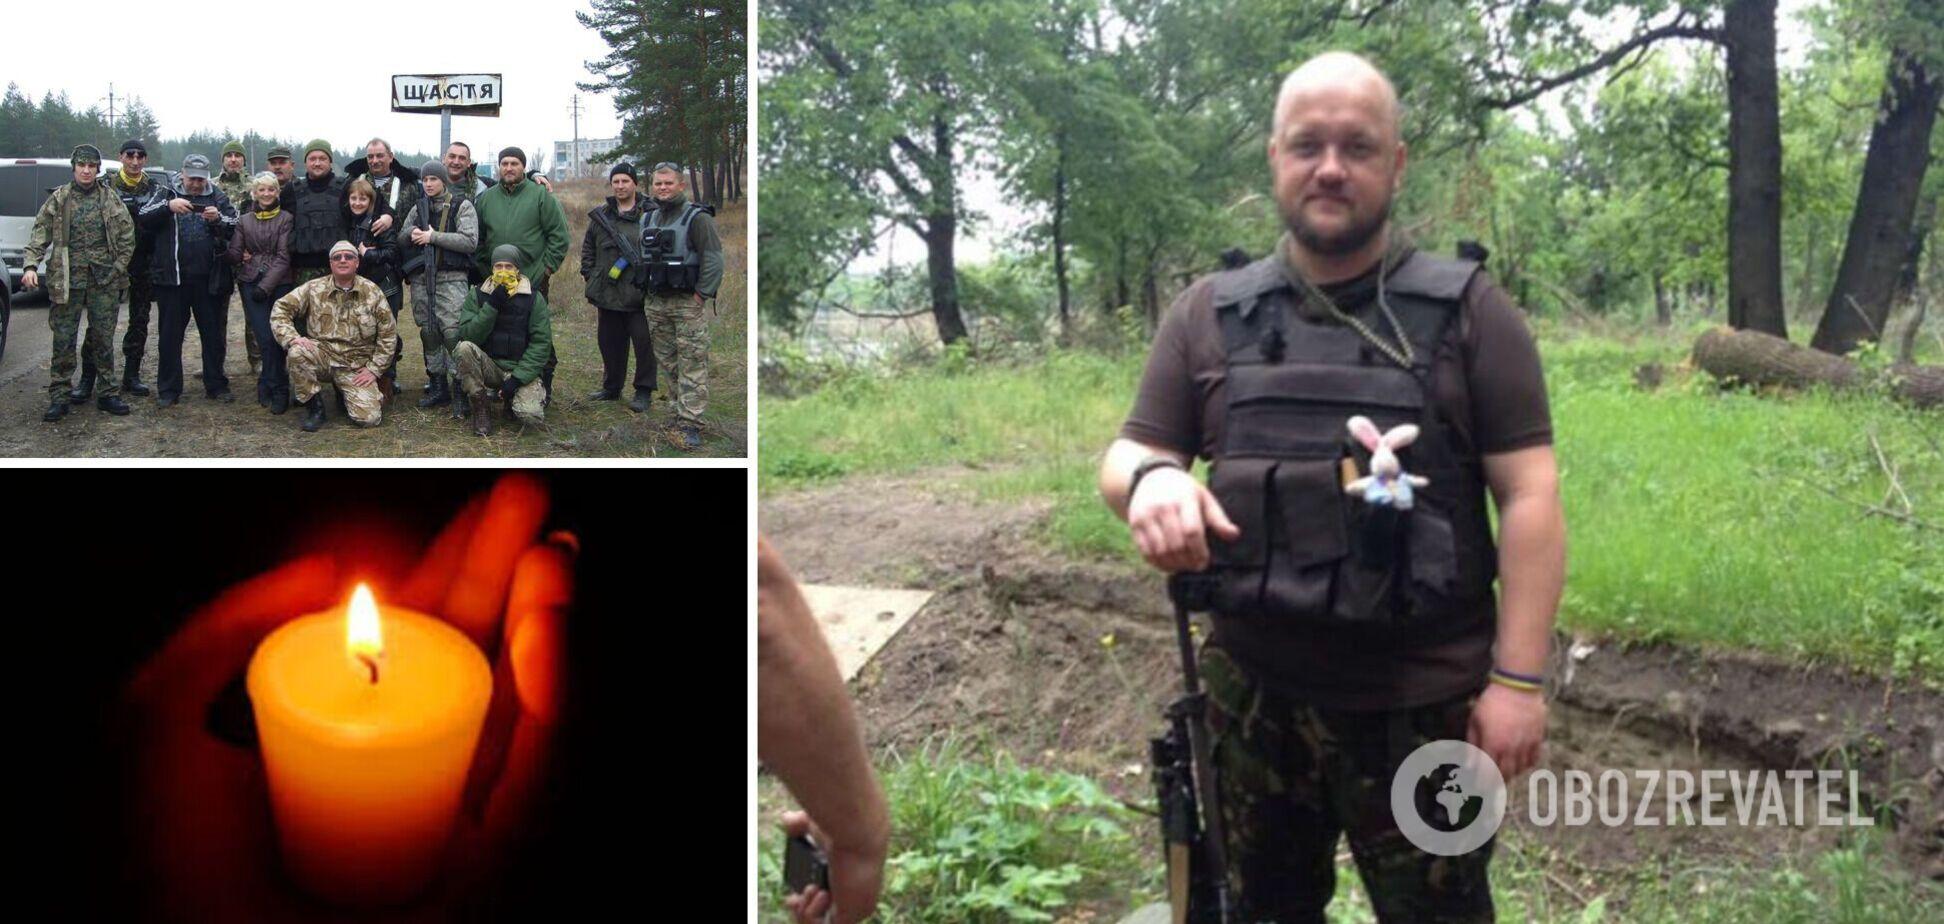 Дочь не может поверить и ждет дома: подробности смерти известного ветерана АТО из 'Айдара'